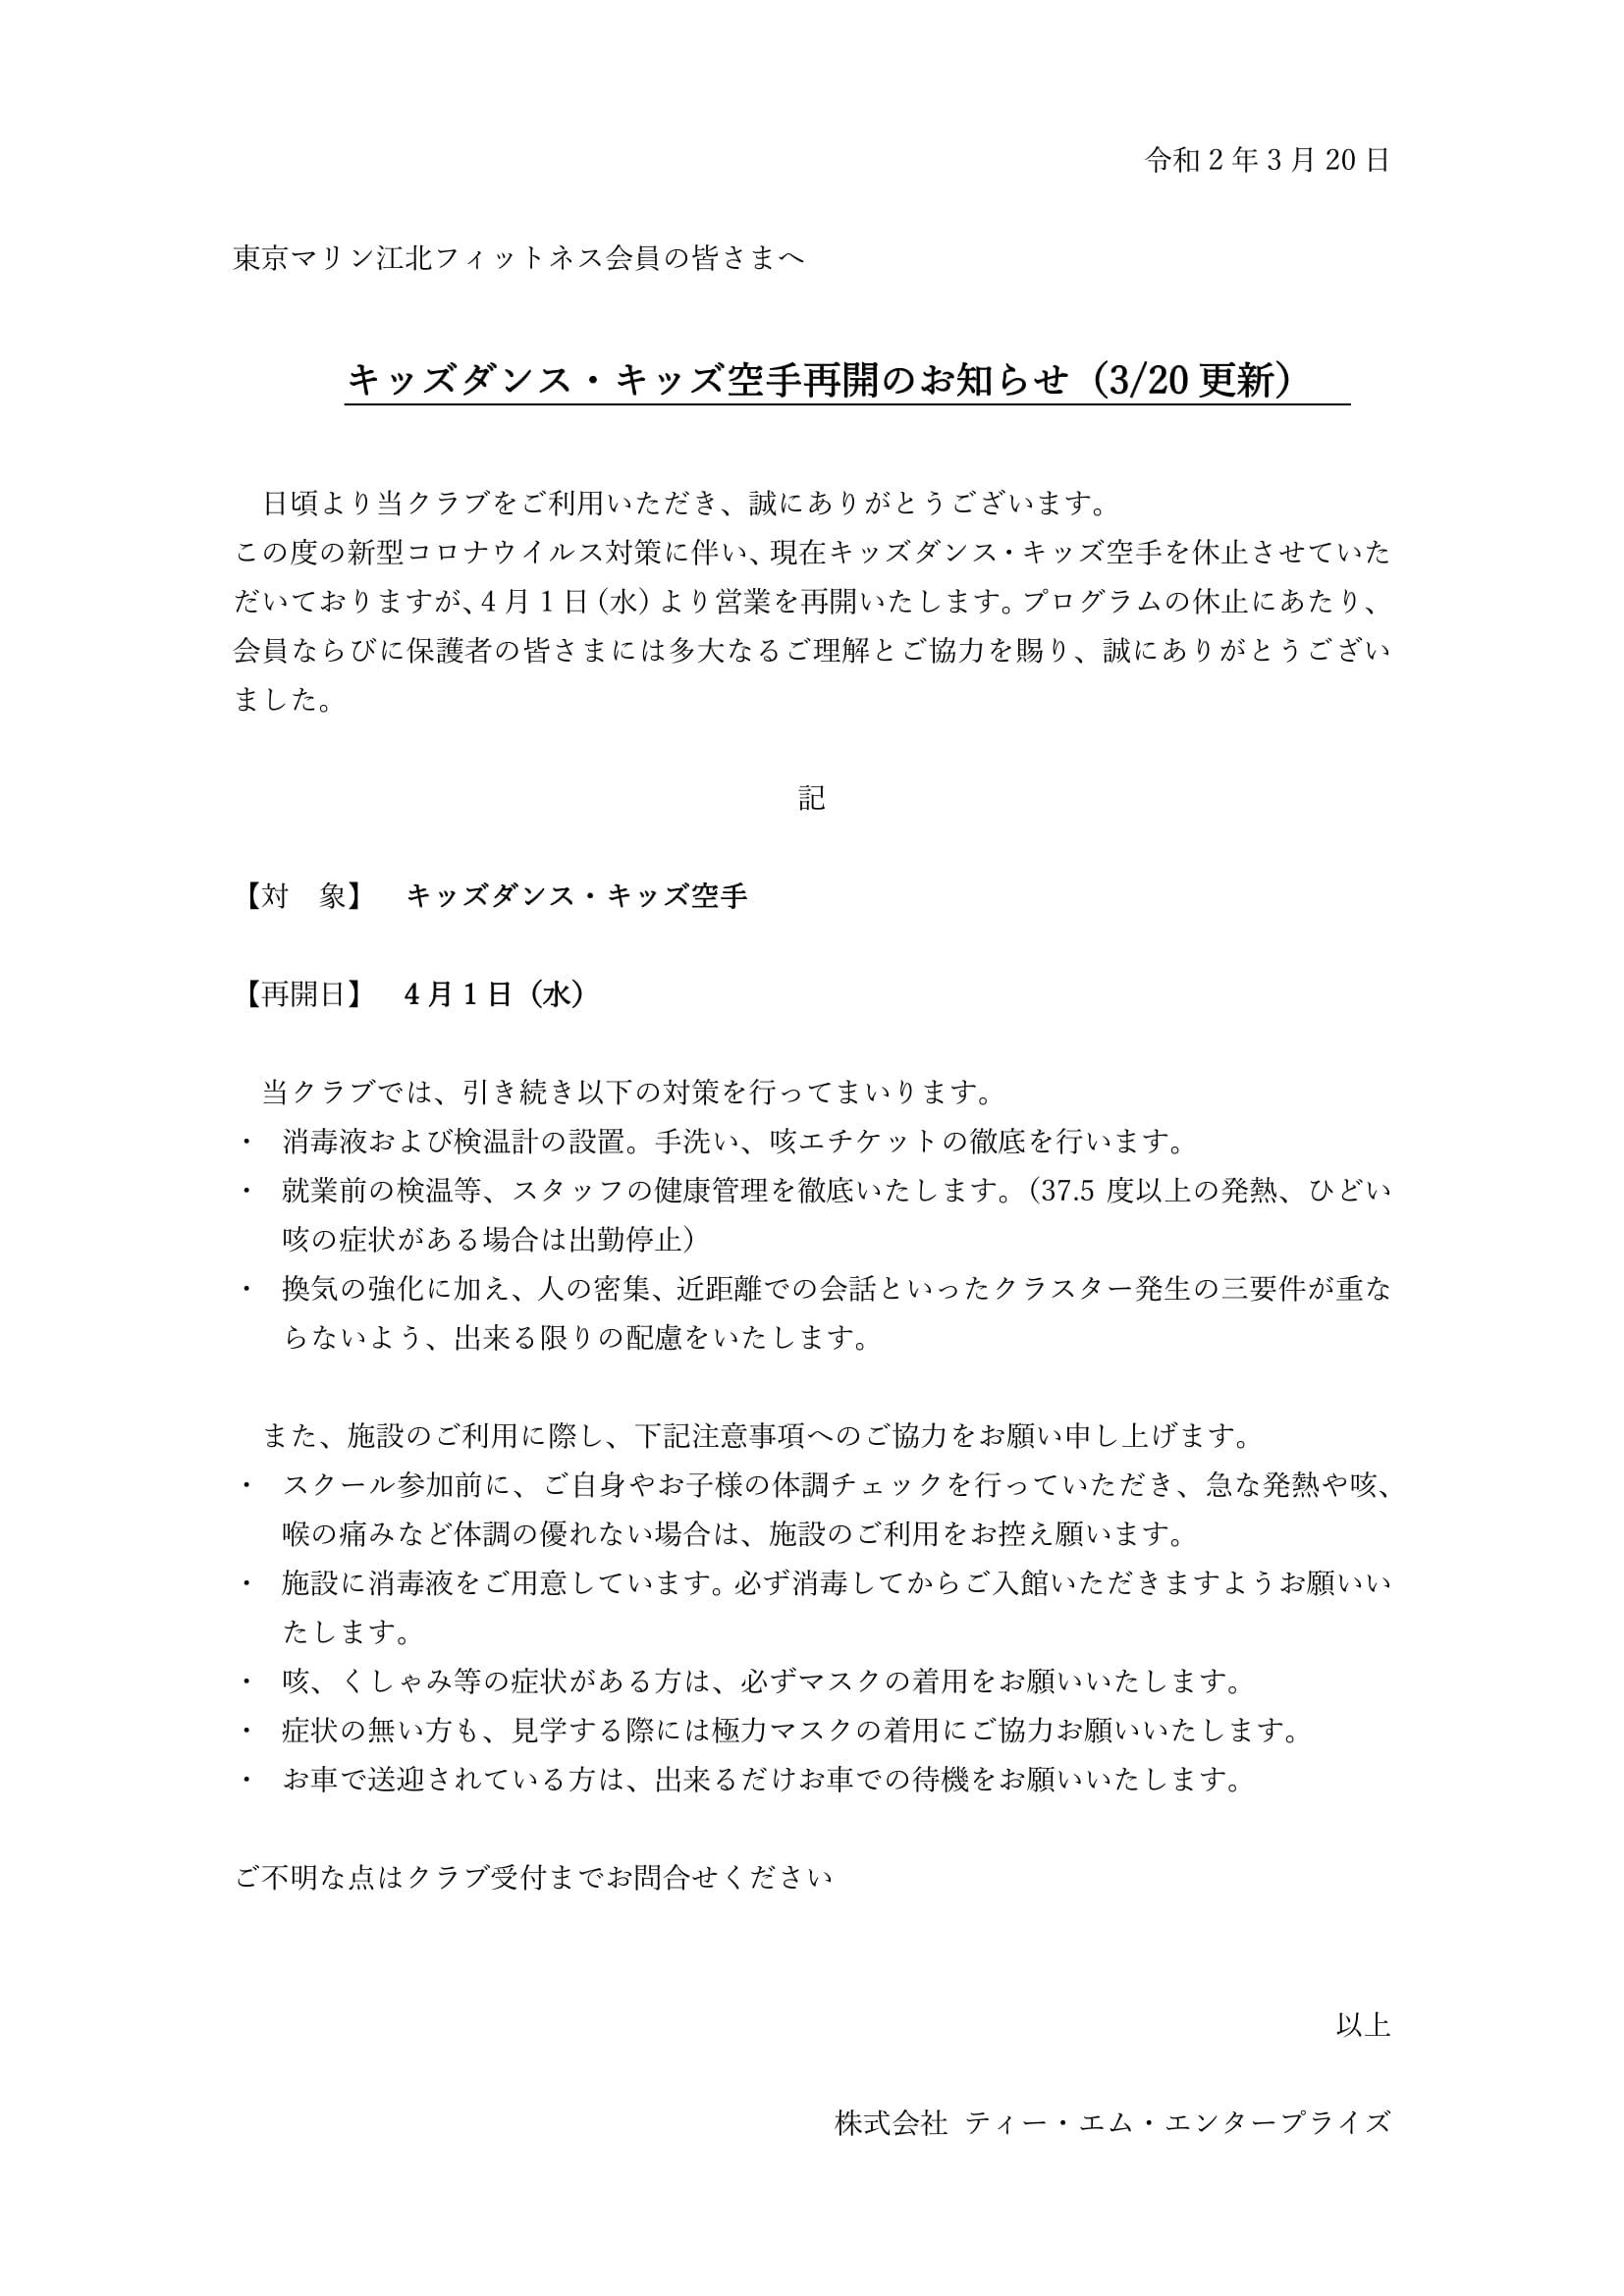 キッズダンス・キッズ空手再開のお知らせ(3/20更新)